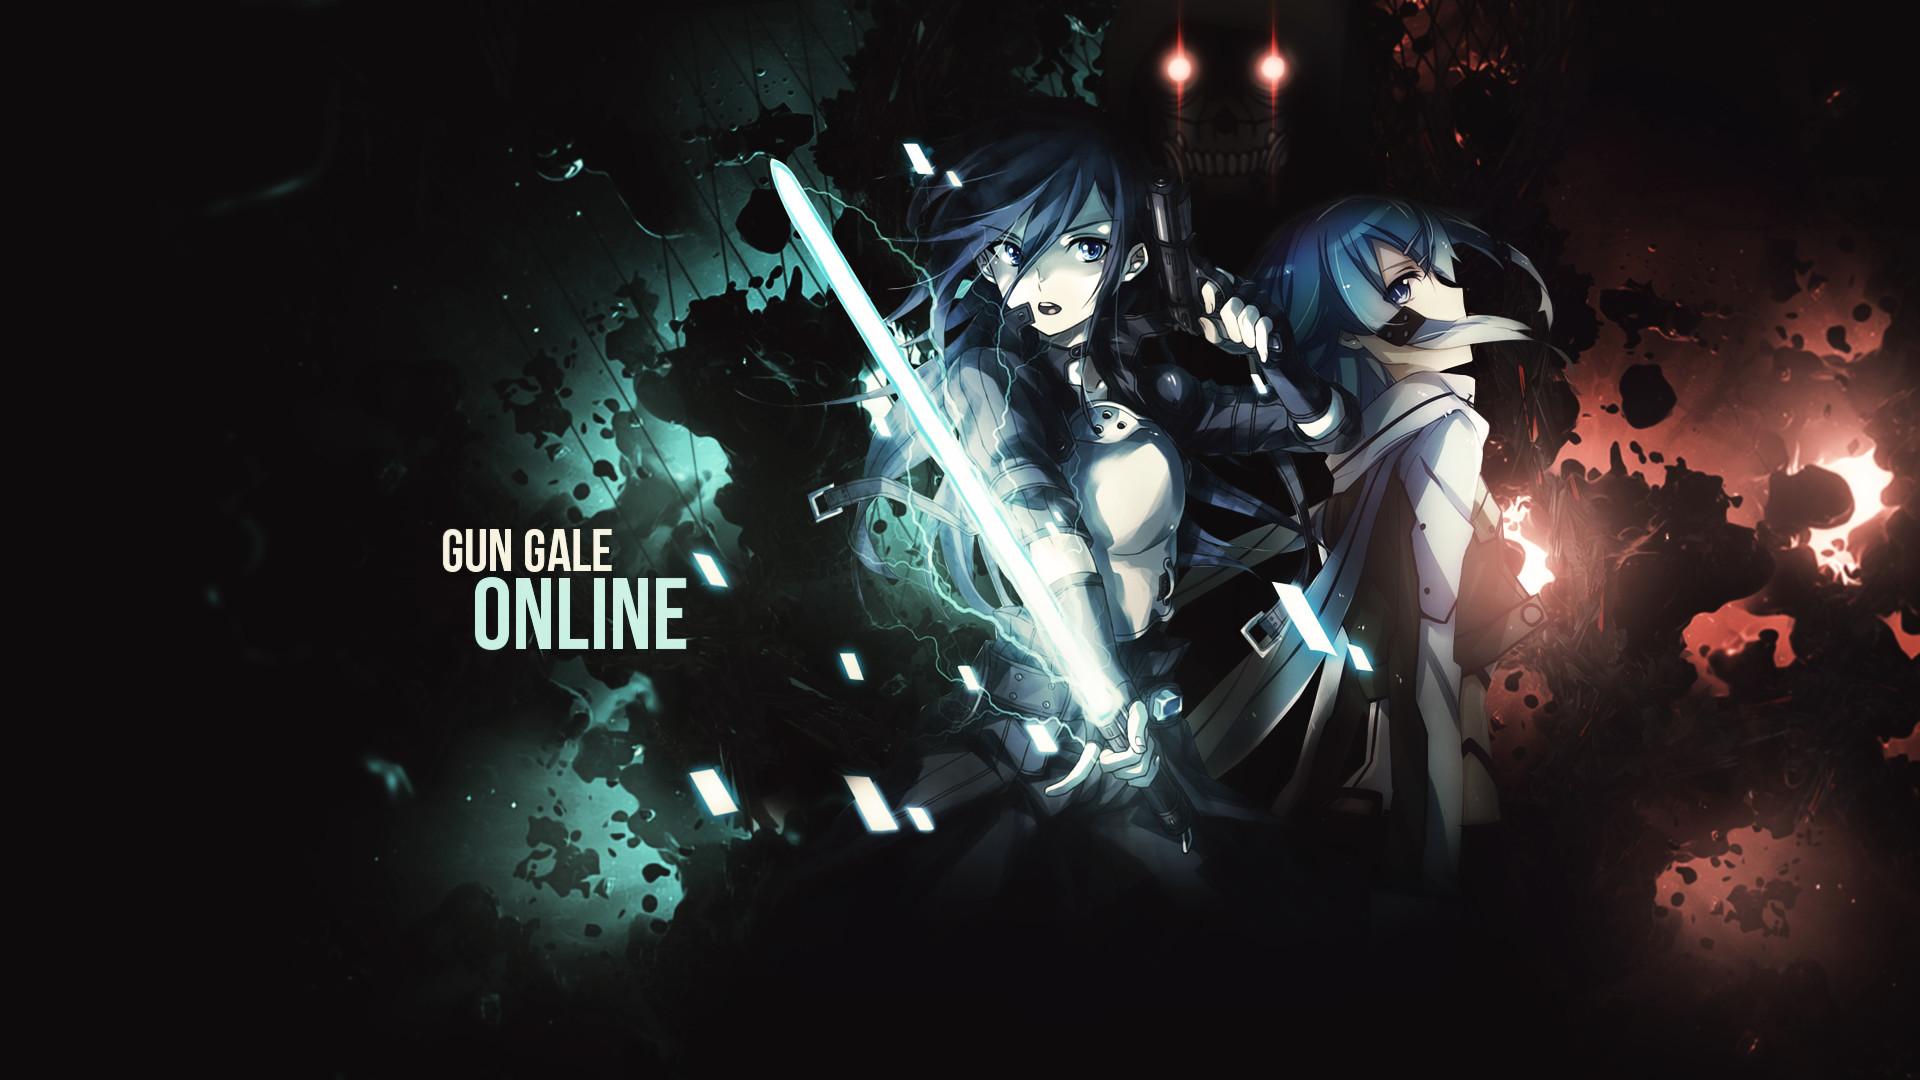 ... Sword Art Online 2 (GGO) Wallpaper by StrengXD 1920x1080